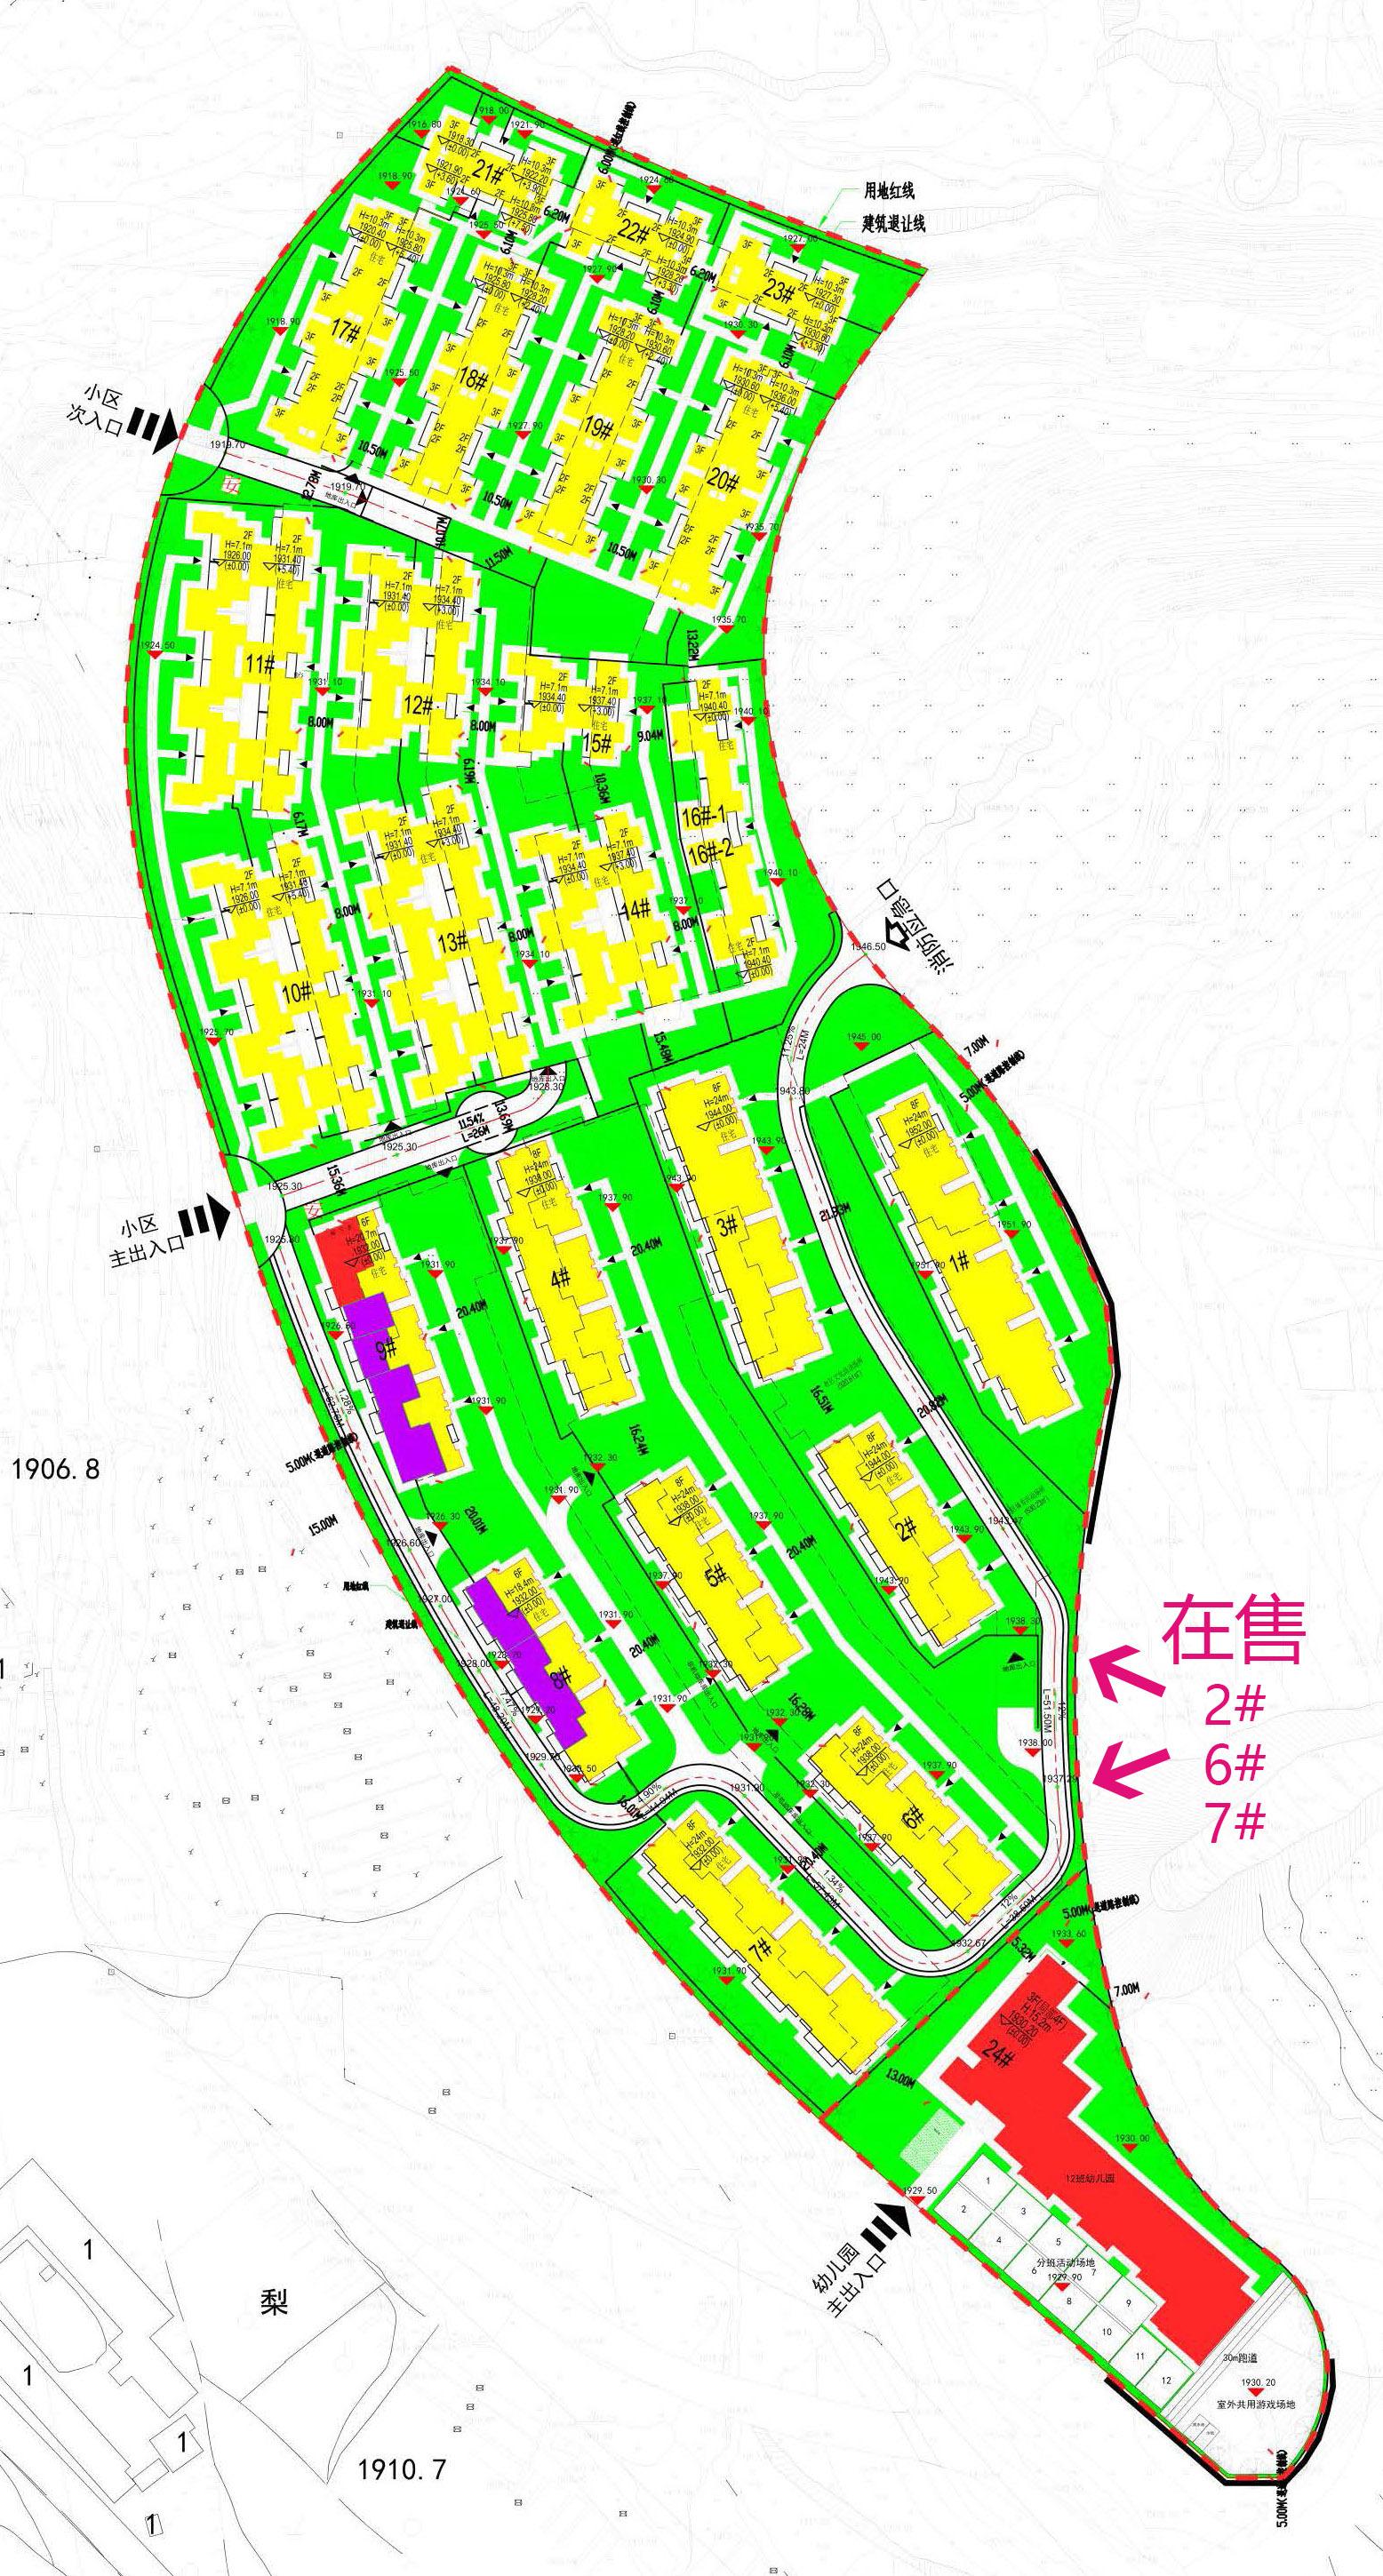 绿地滇池国际健康城 洋房小高层楼栋平面图